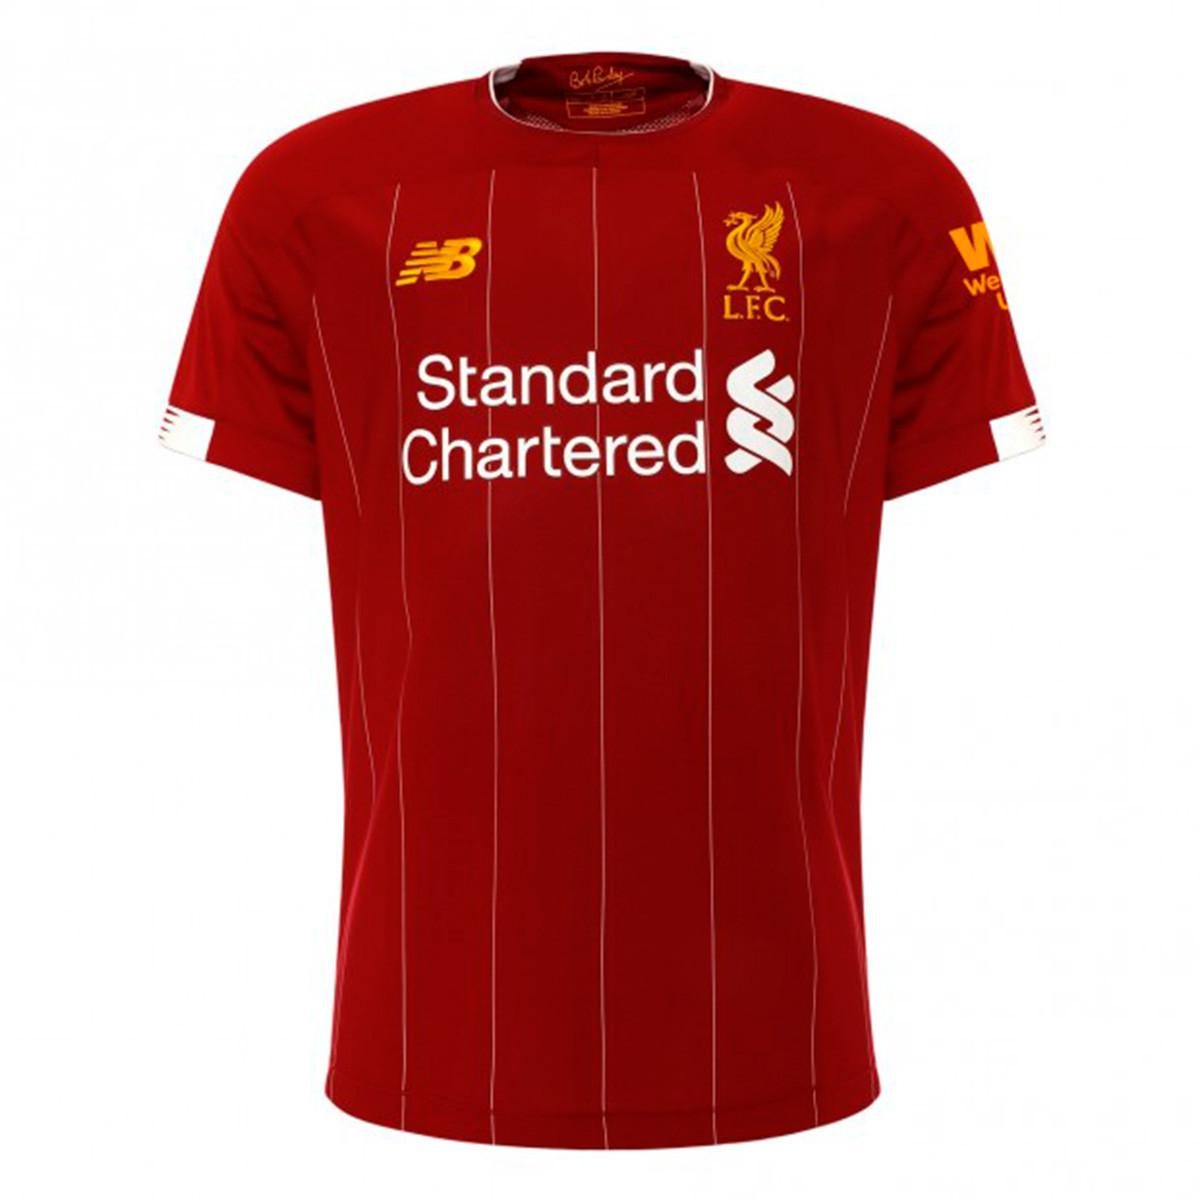 Tienda Fútbol Solution | Camiseta 1ª Equipación Liverpool FC